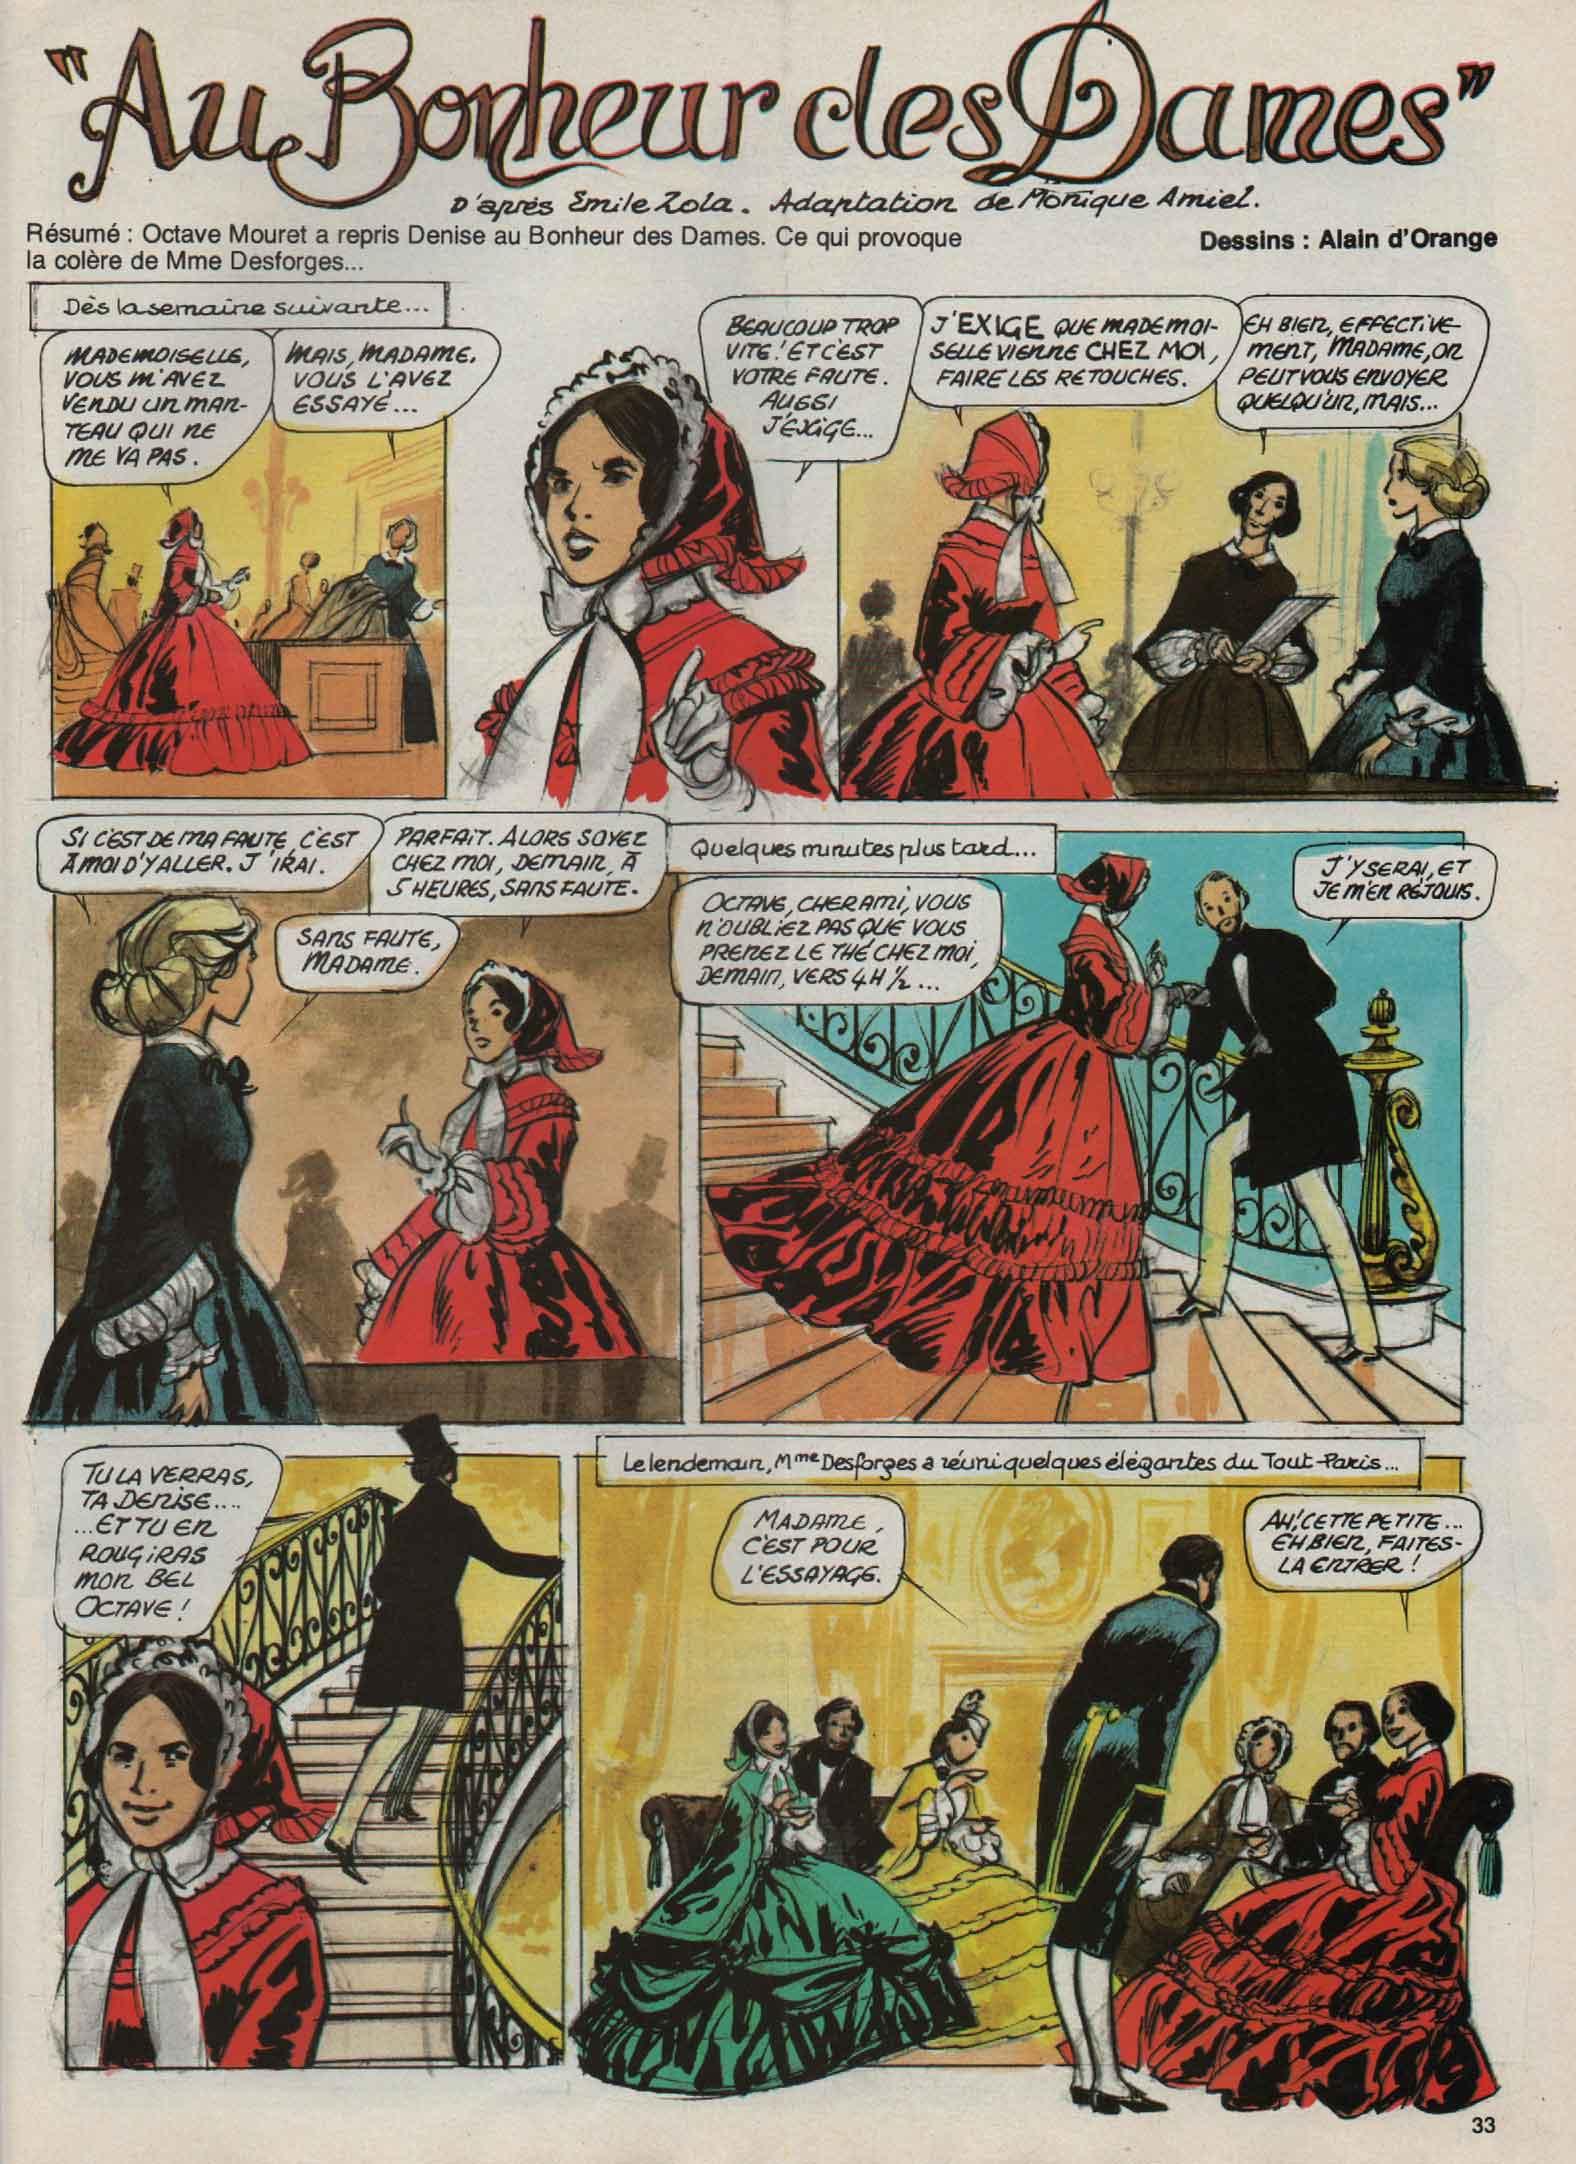 «  Au Bonheur des dames » Djin n° 34 (26/08/1981).